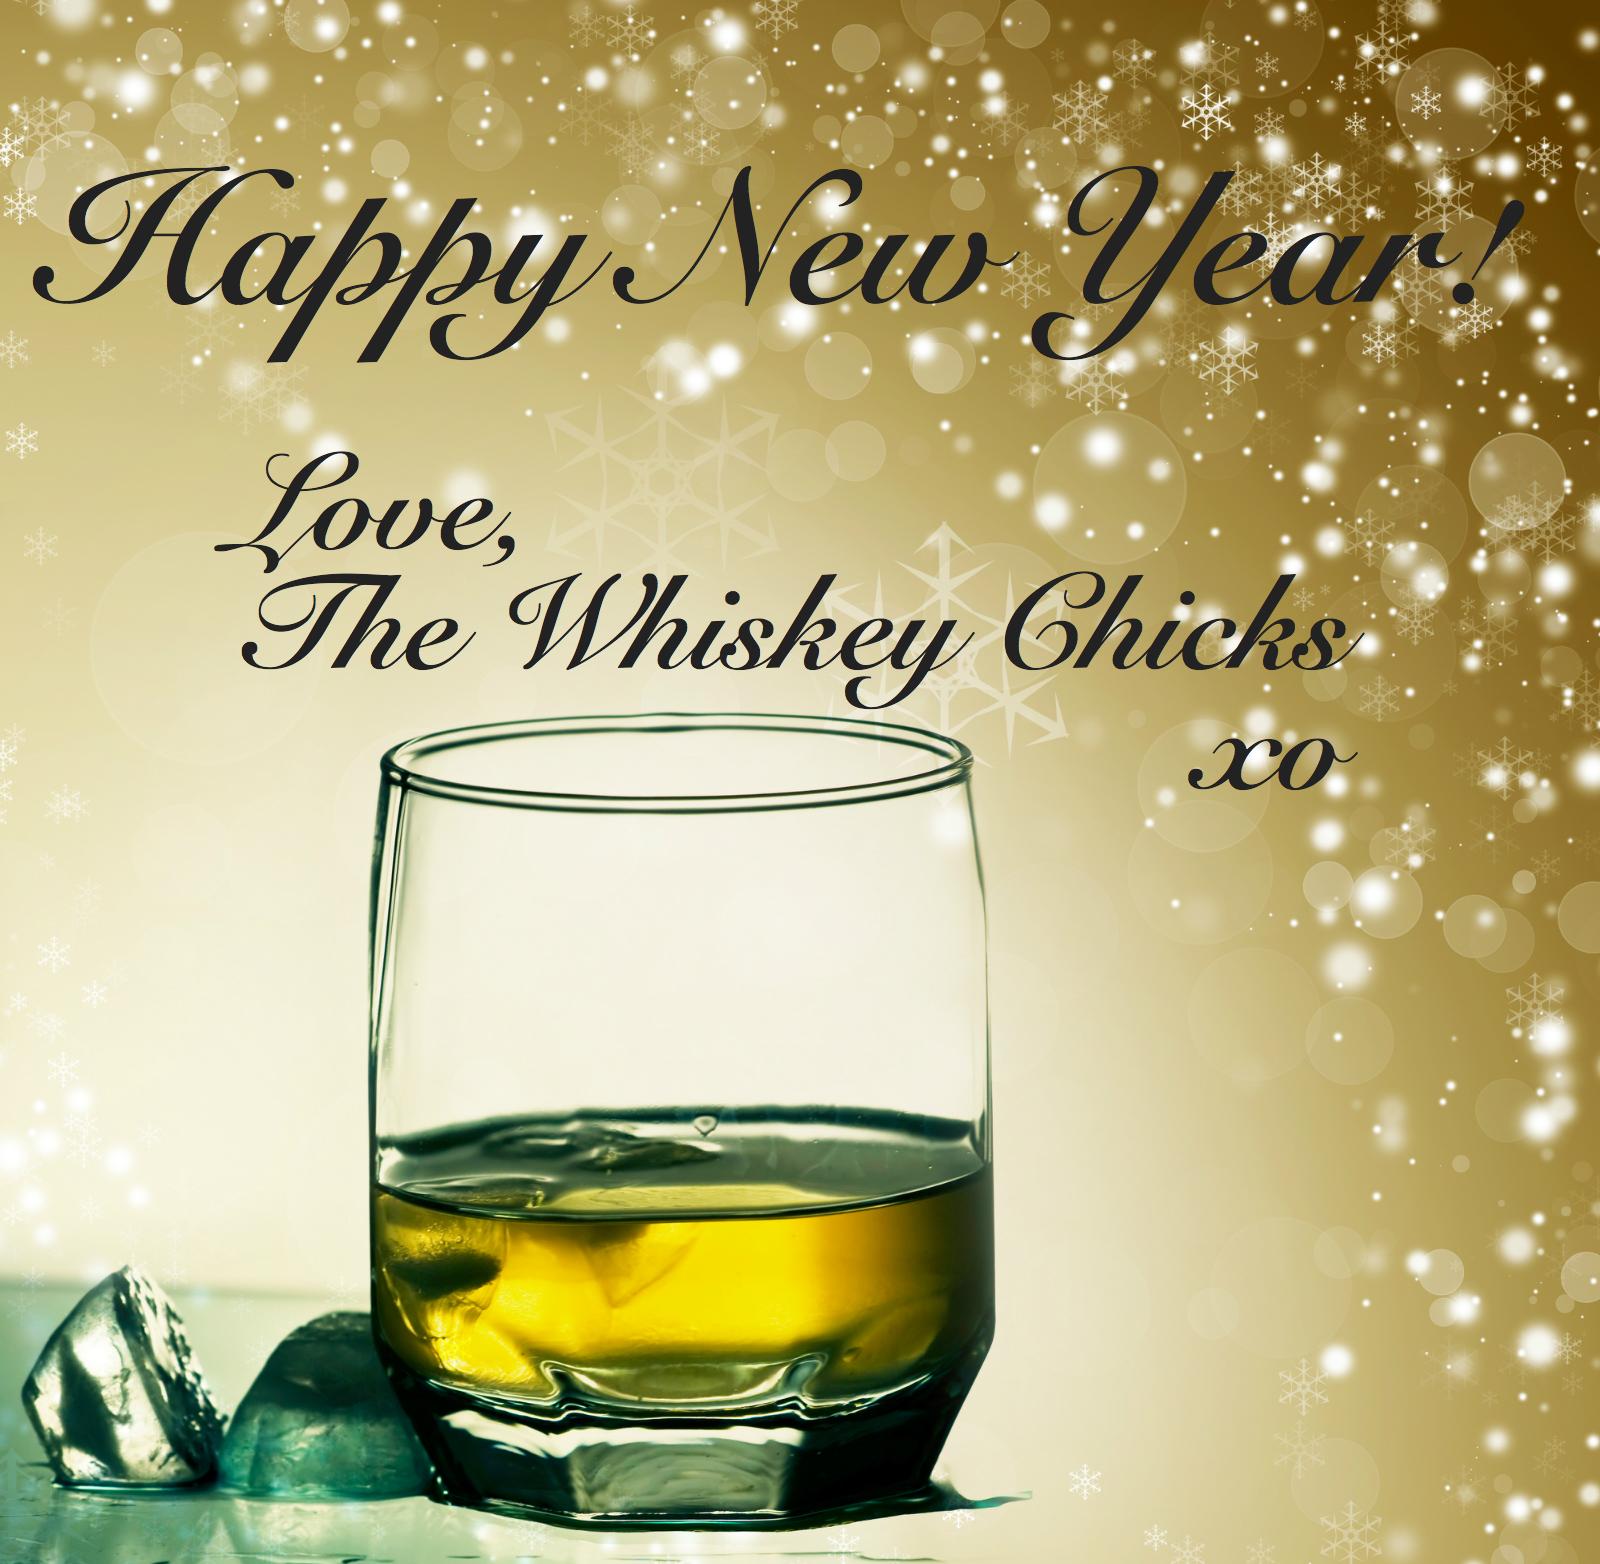 WhiskeyNewYear2